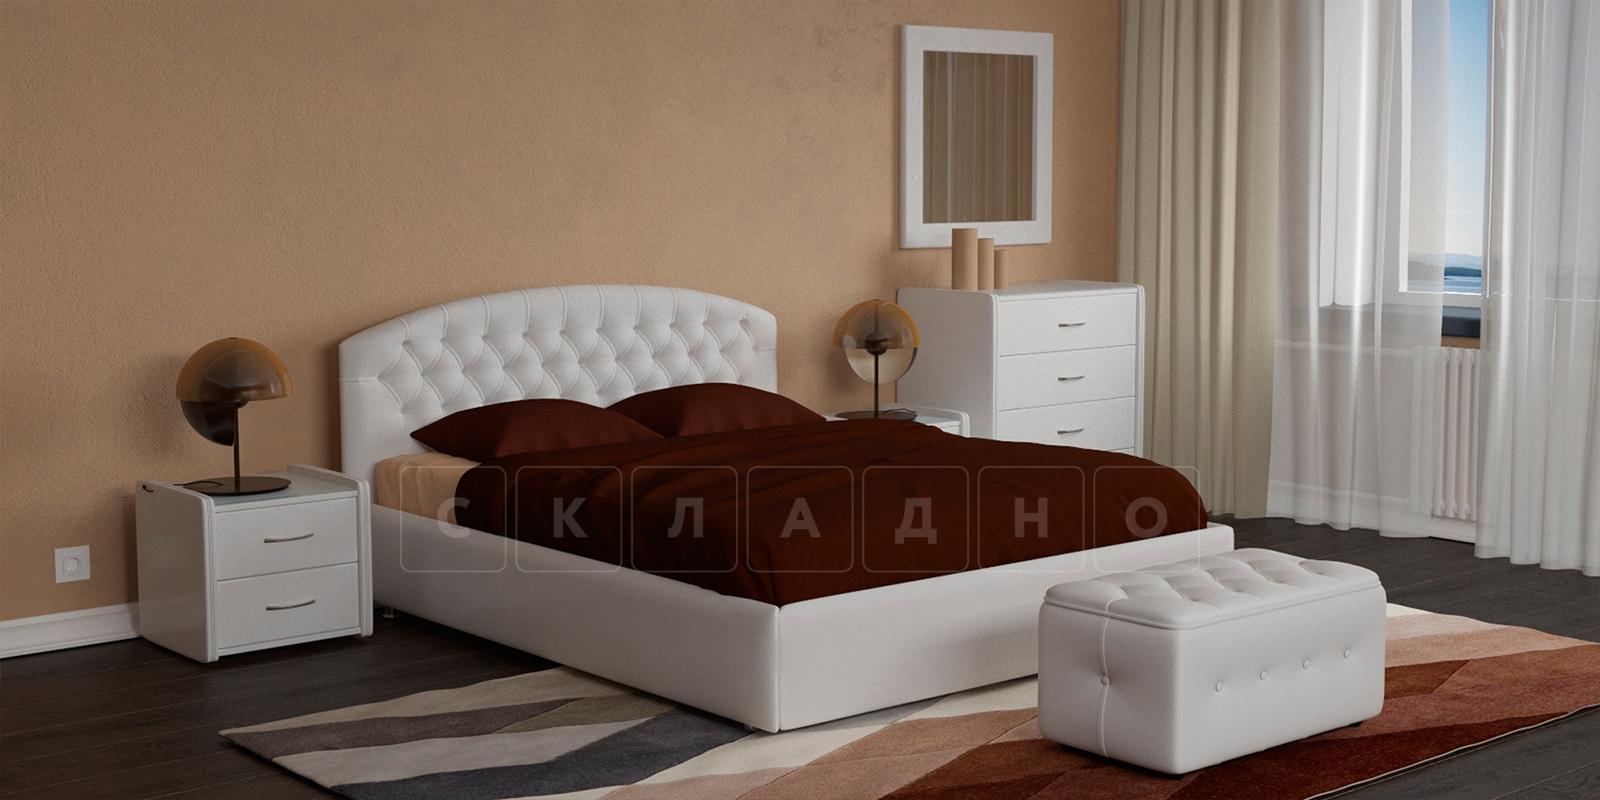 Мягкая кровать Малибу 160см экокожа белого цвета вариант 1-2 фото 1 | интернет-магазин Складно